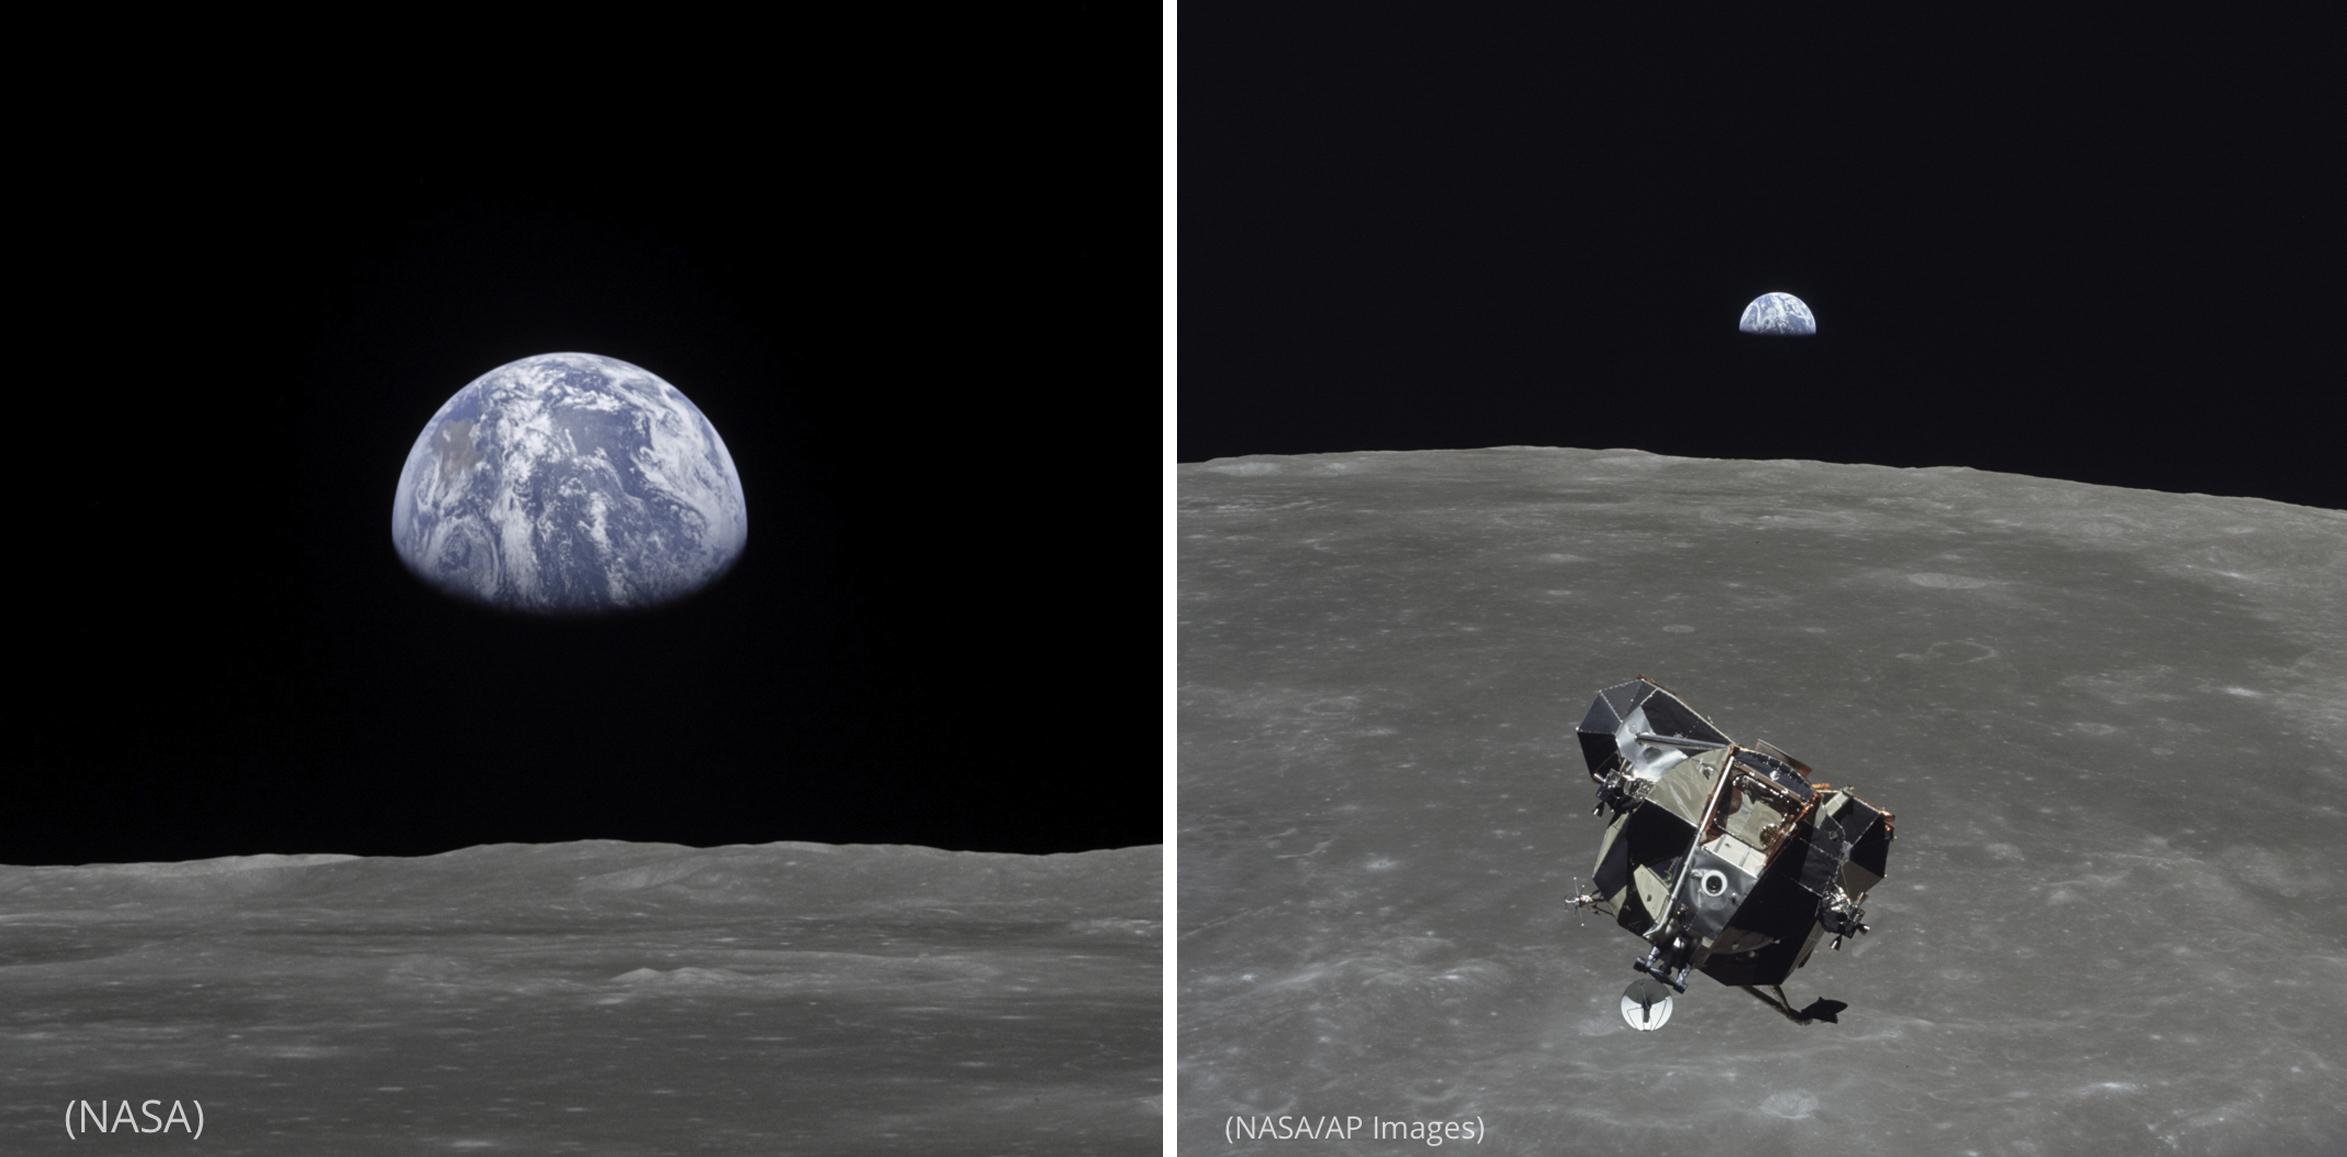 Foto de la Tierra sobre el horizonte lunar (NASA) junto a una foto del módulo lunar en el espacio (NASA/AP Images)